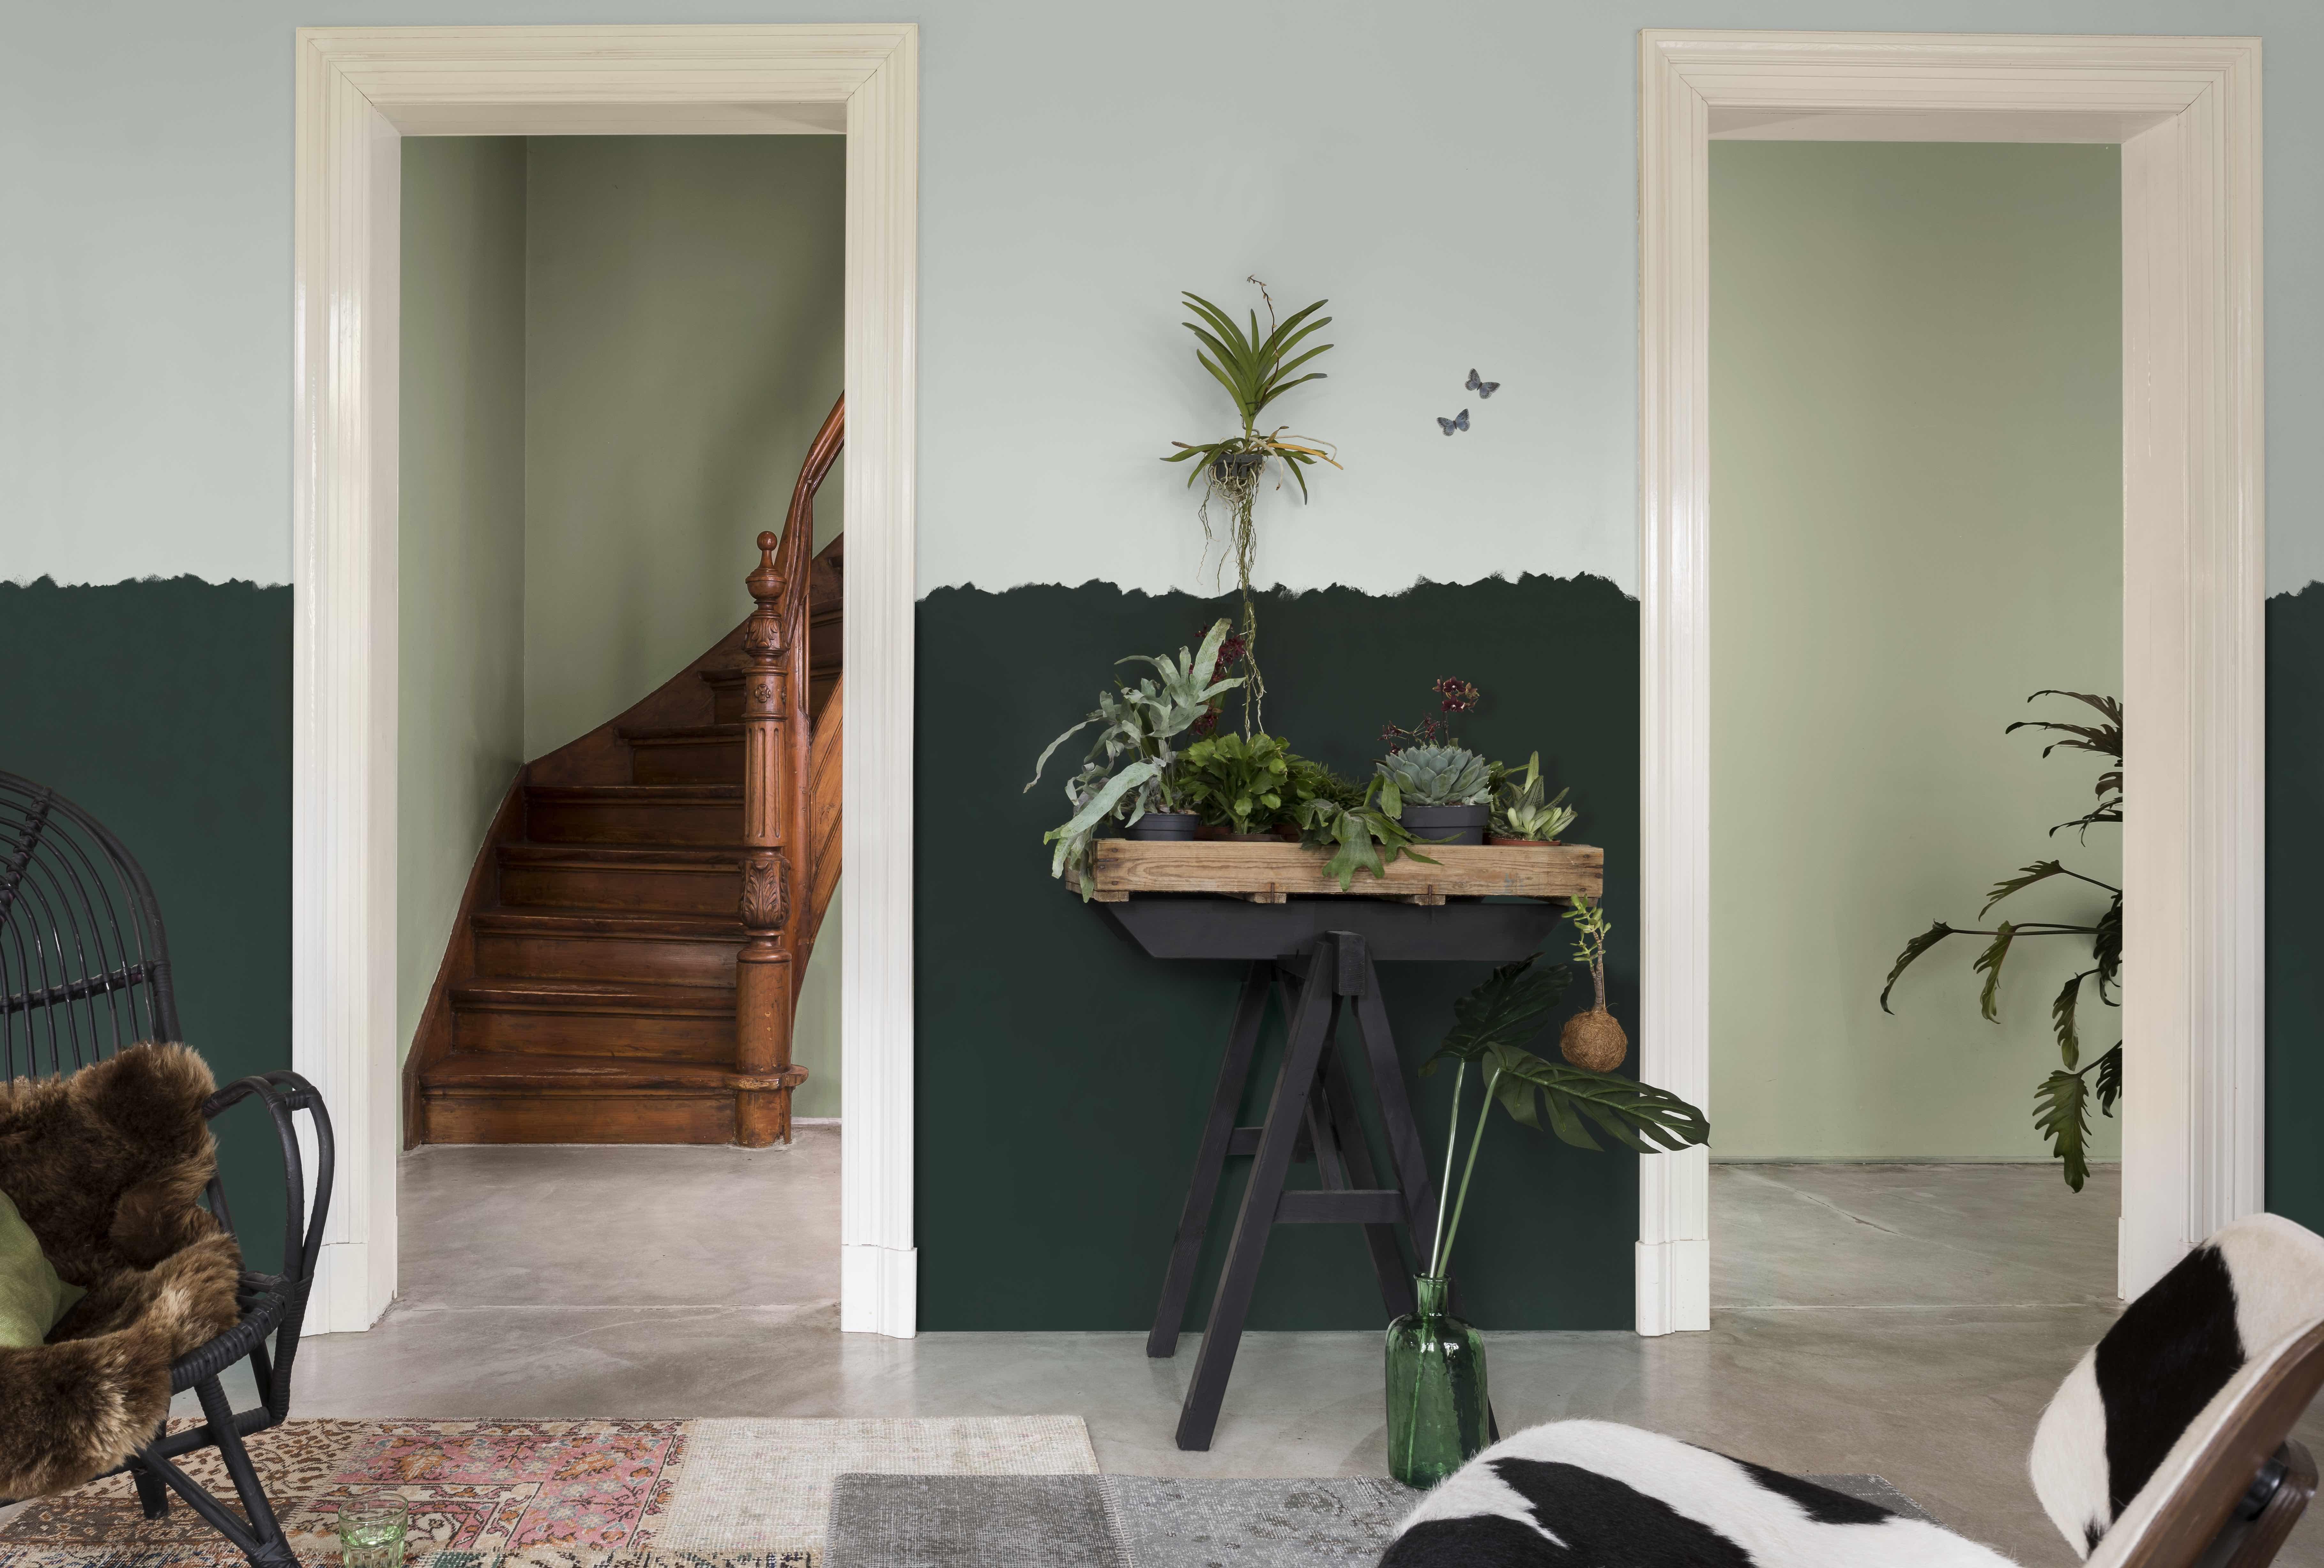 Comment Bien Peindre Un Mur En Blanc peinture décorative: habiller ses murs d'un motifs